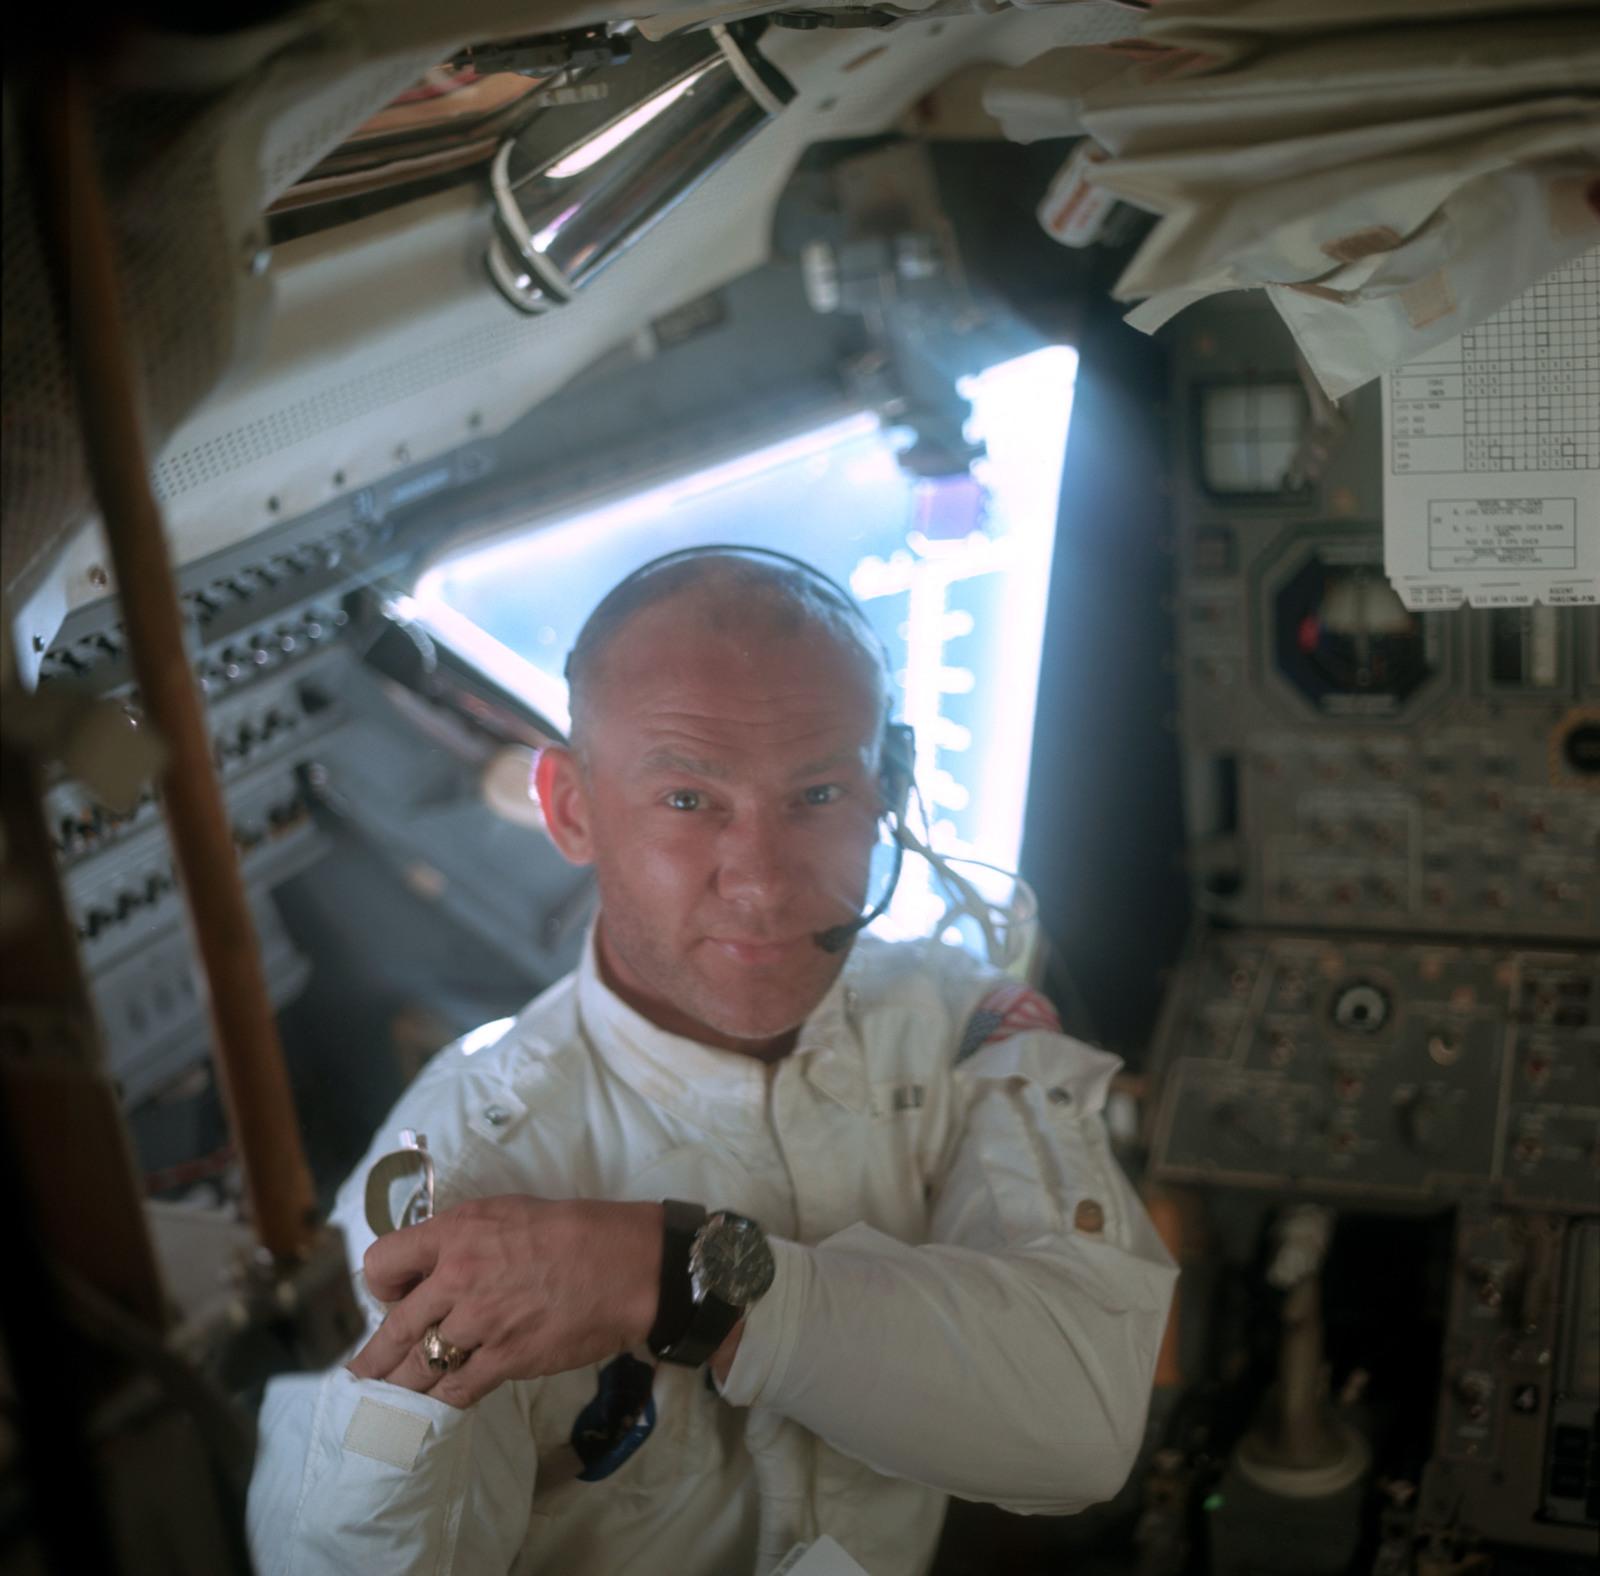 AS11-36-5390 - Apollo 11 - Apollo 11 Mission image - Astronaut Edwin E. Aldrin inside the Lunar Module